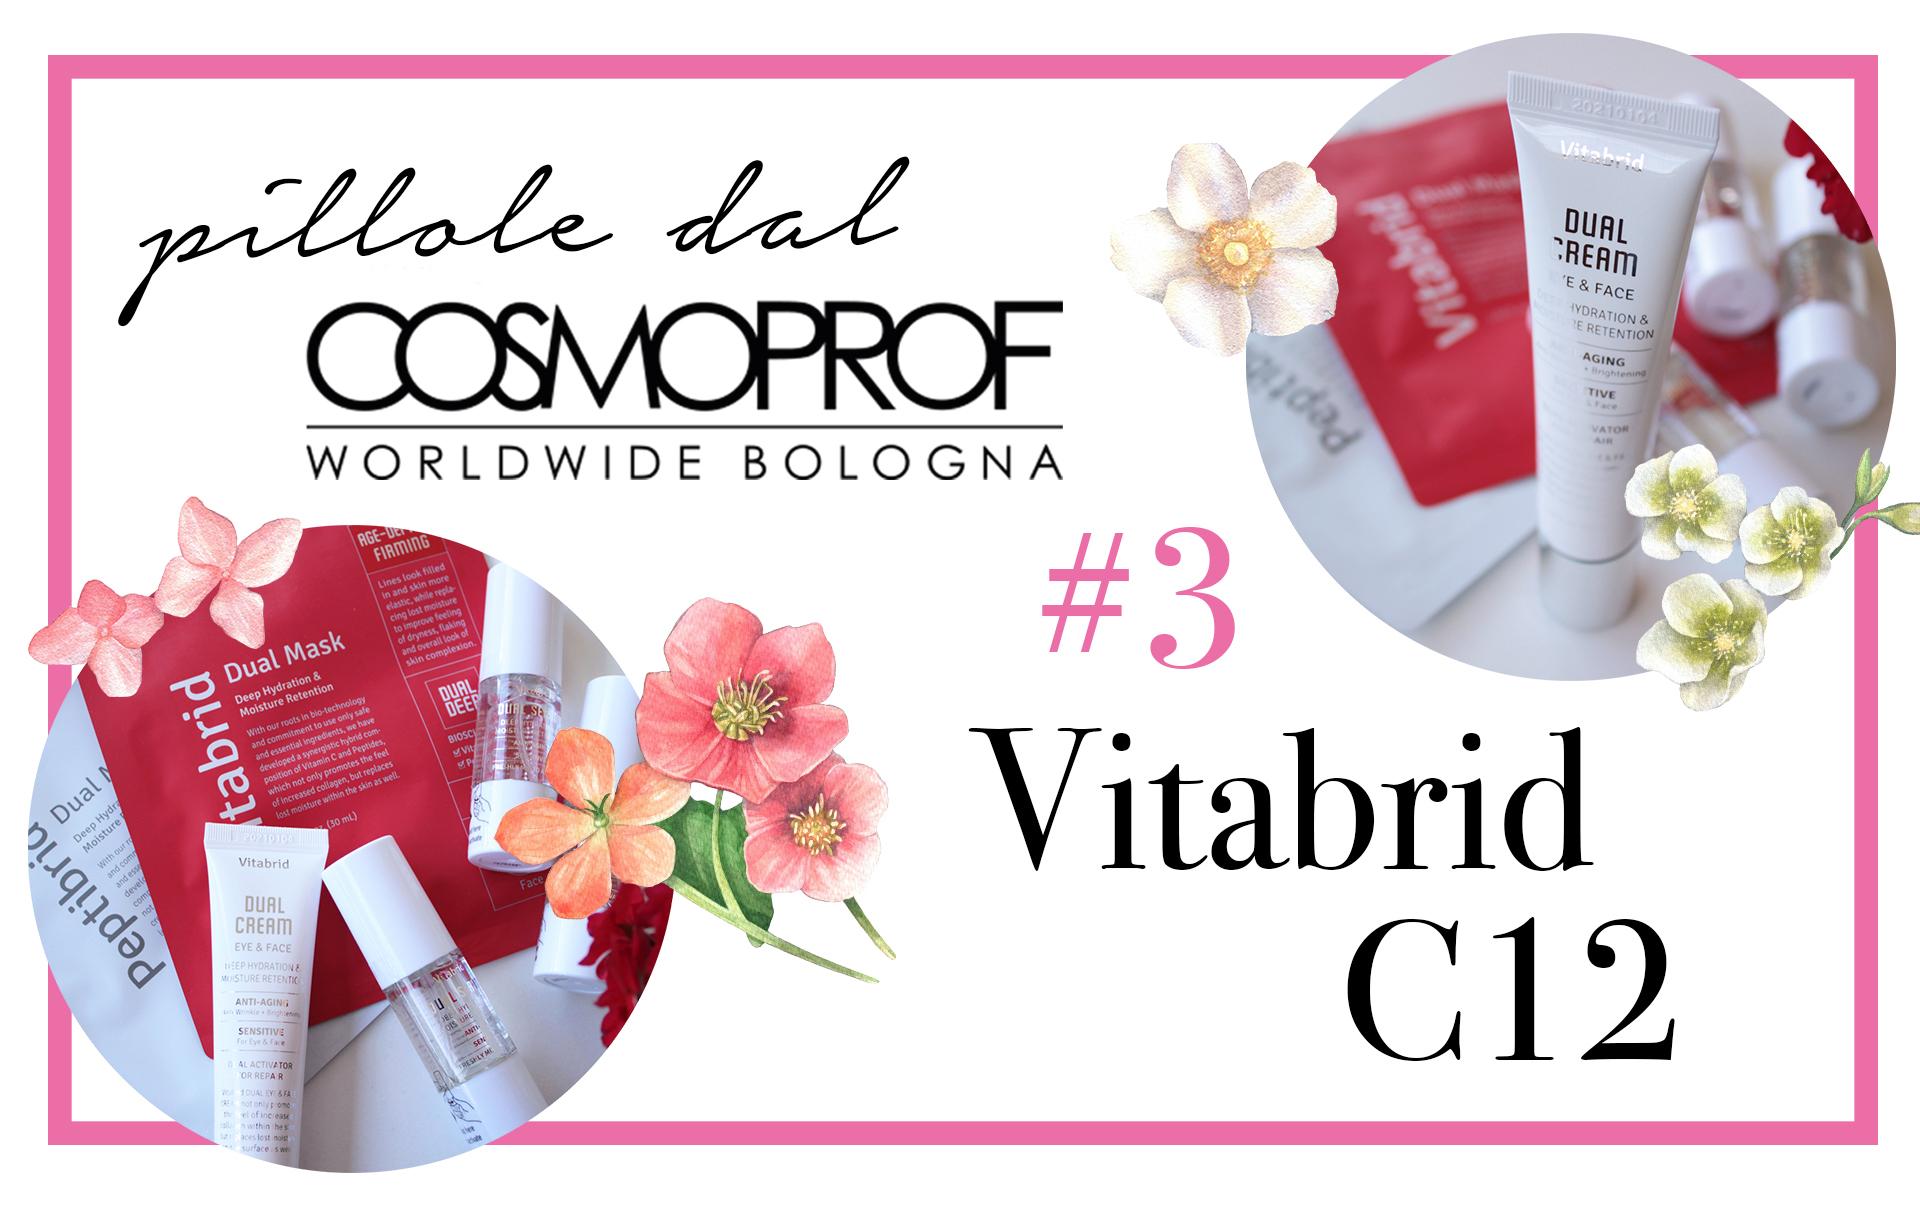 Pillole dal Cosmoprof #2: Vitabrid C12 - Novità Cosmoprof 2018 - Info, dove acquistare, prezzo, INCI, review, recensione